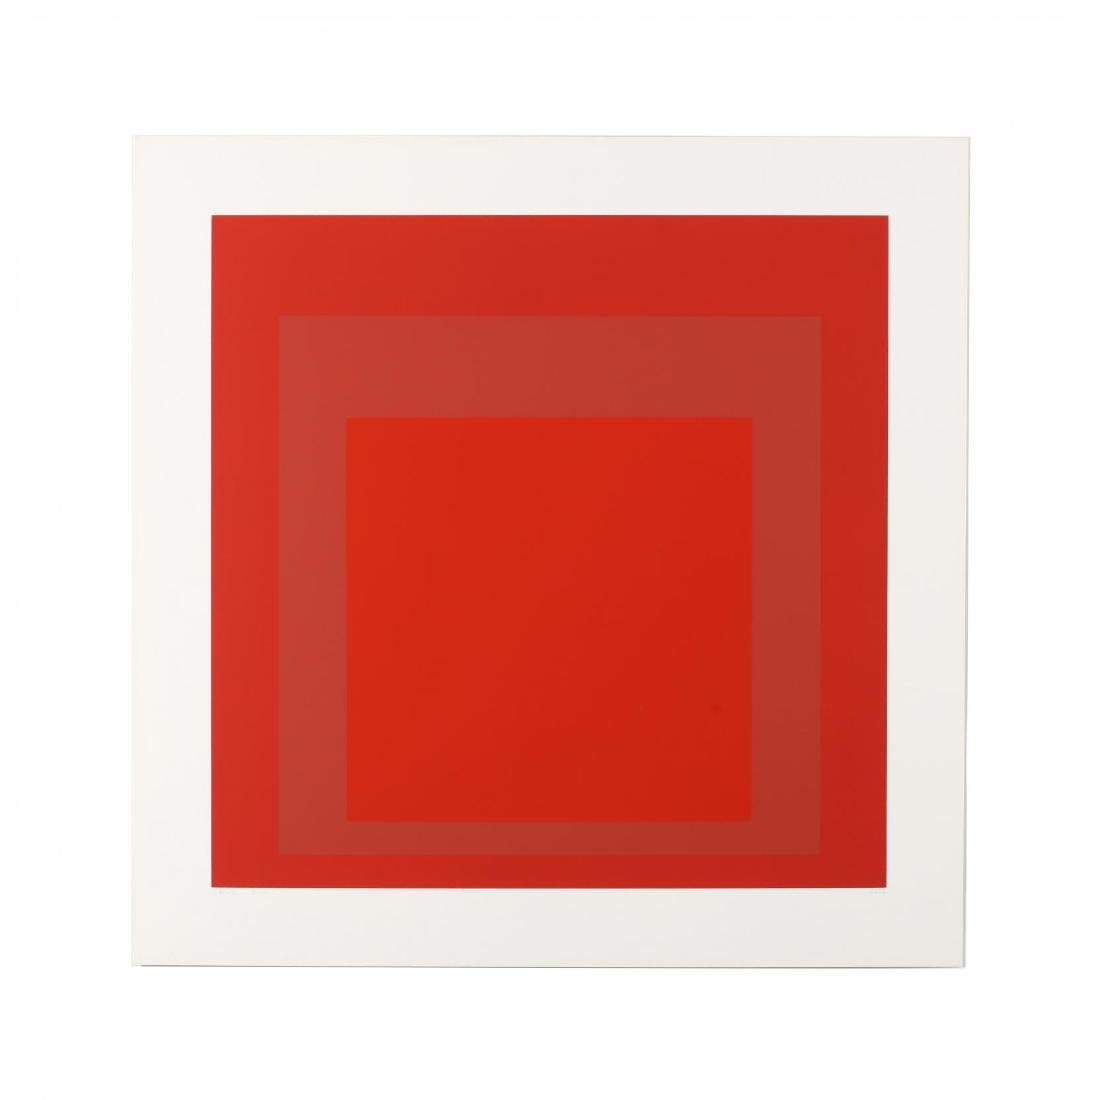 Josef Albers (American/German, 1888-1976), SP V, from